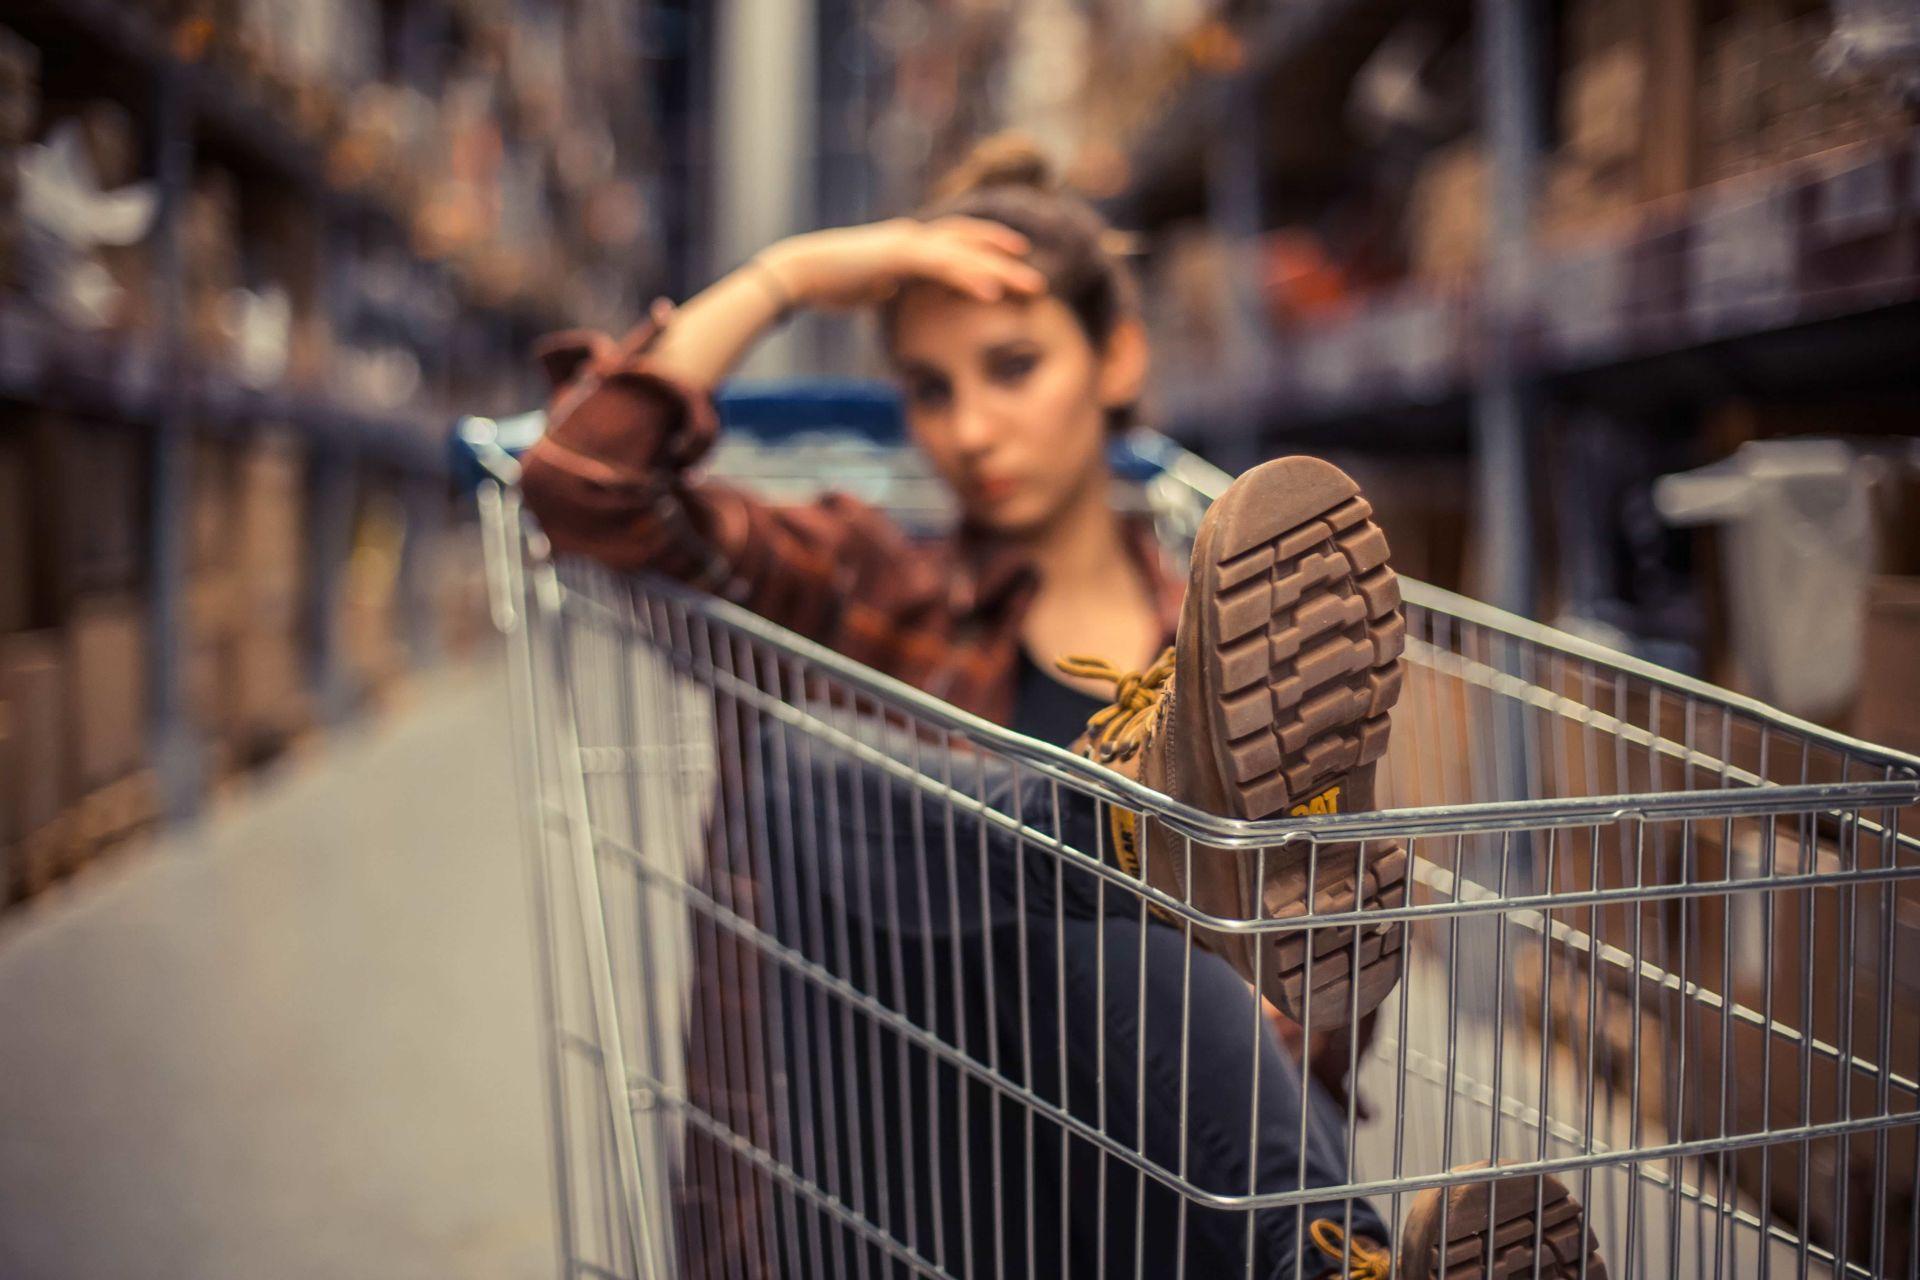 Girl in Trolley